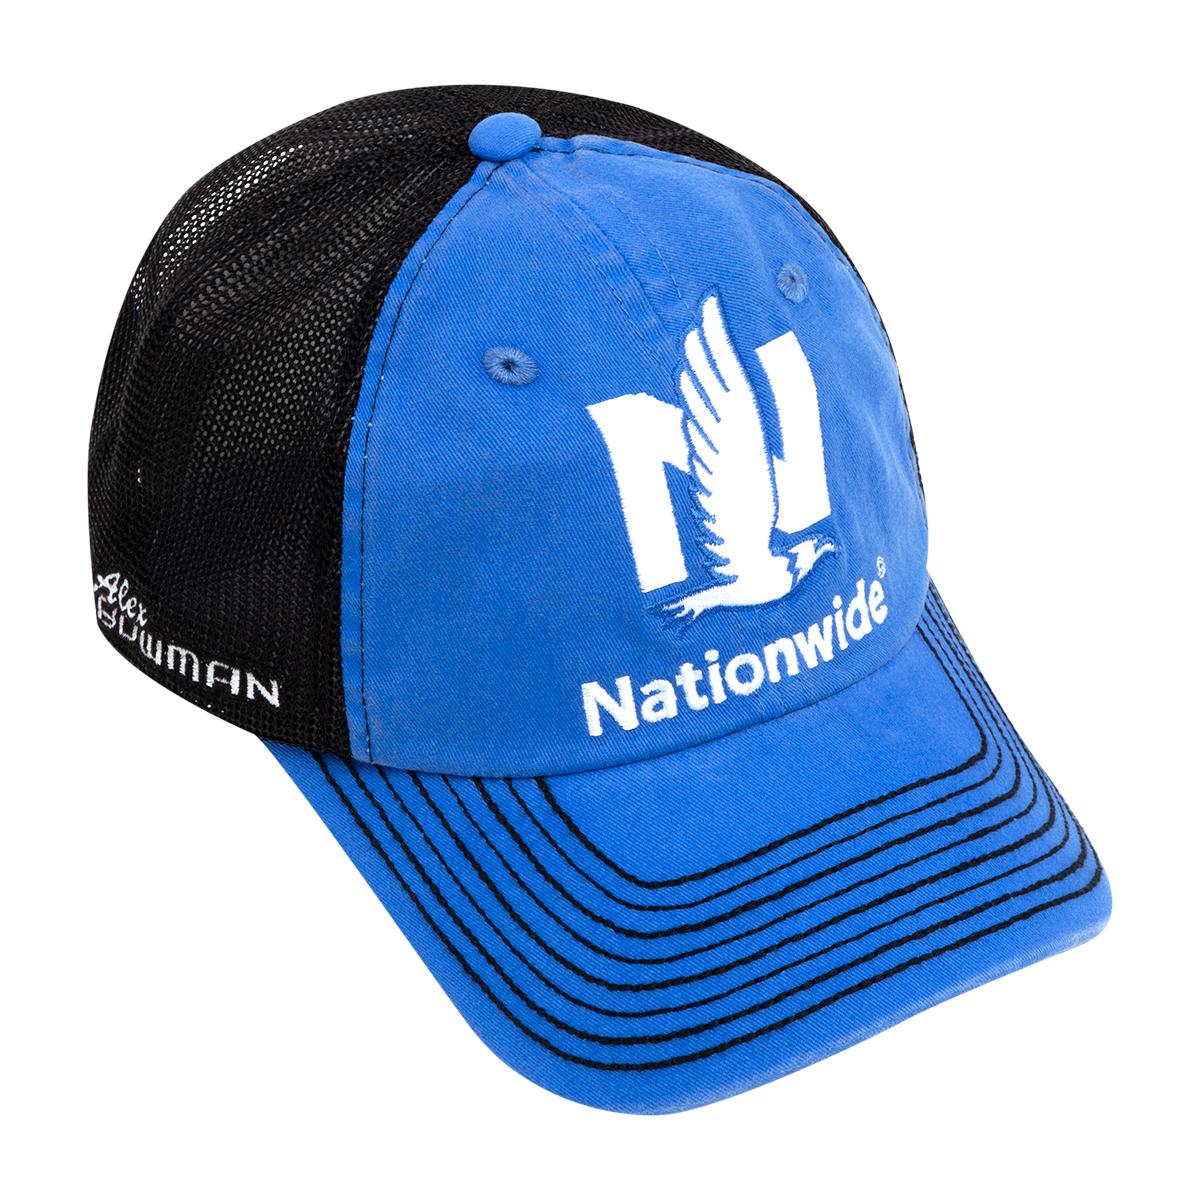 Alex Bowman #88 2018 Nationwide Vintage Trucker Hat